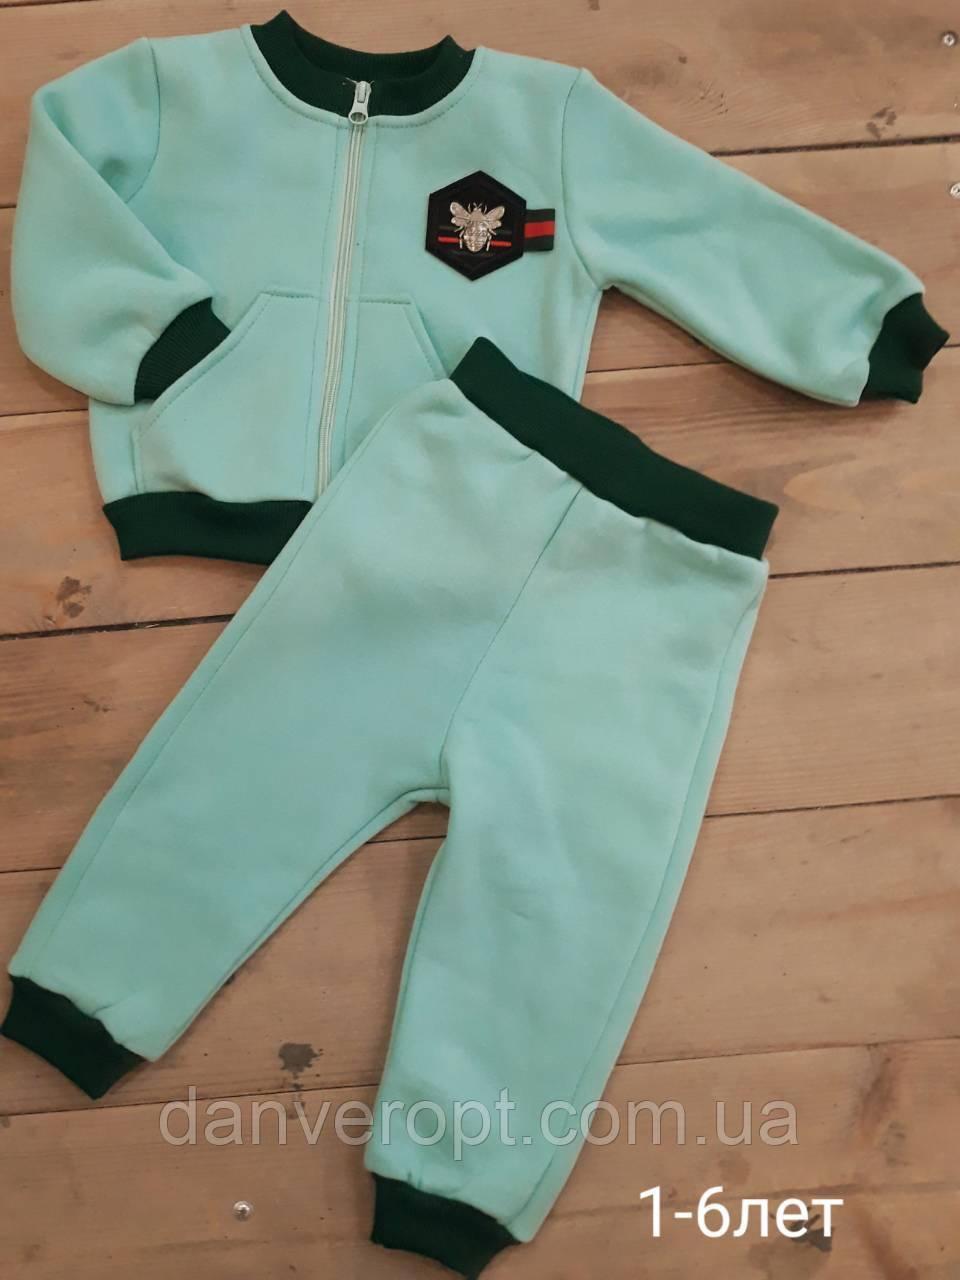 bd6a5ebdfd382 Спортивный костюм детский стильный на девочку 3-6 лет, купить оптом со  склада 7км Одесса, цена 258 грн., купить в Одессе — Prom.ua (ID#810449755)